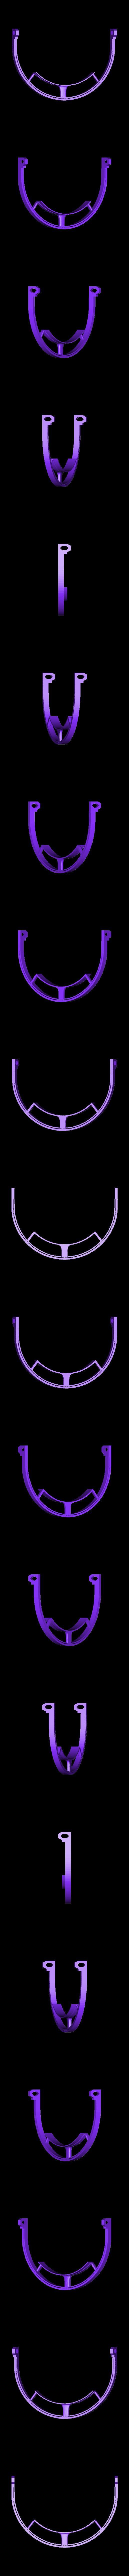 Face_shield_V3.STL Télécharger fichier STL gratuit Covid-19 Écran facial - simple à imprimer • Plan à imprimer en 3D, hessevalentino